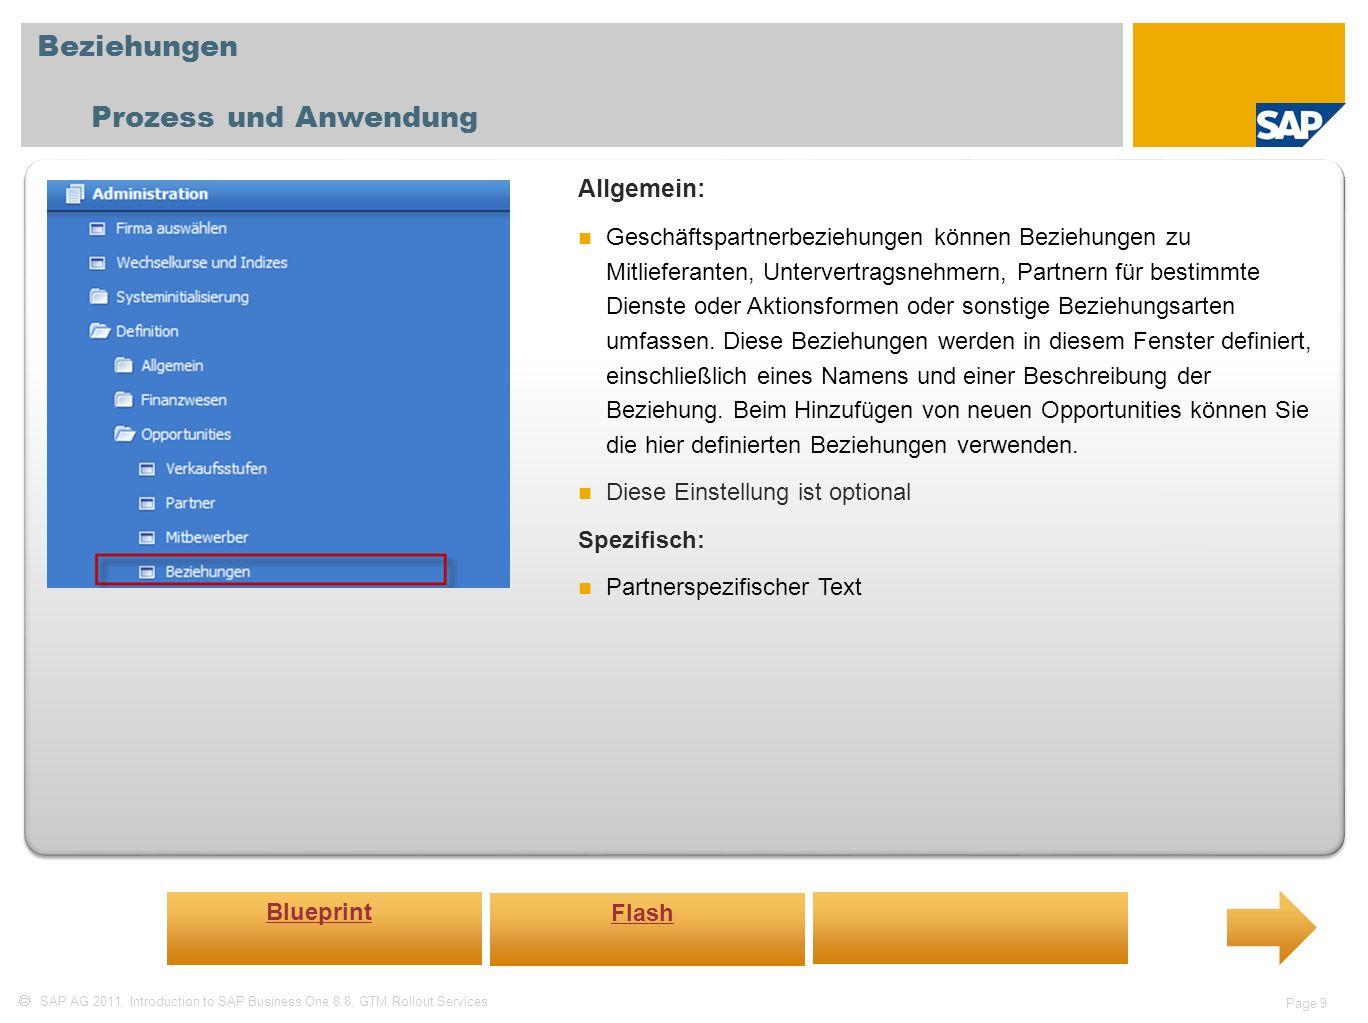 SAP AG 2011, Introduction to SAP Business One 8.8, GTM Rollout Services Page 9 Beziehungen Prozess und Anwendung Allgemein: Geschäftspartnerbeziehungen können Beziehungen zu Mitlieferanten, Untervertragsnehmern, Partnern für bestimmte Dienste oder Aktionsformen oder sonstige Beziehungsarten umfassen.